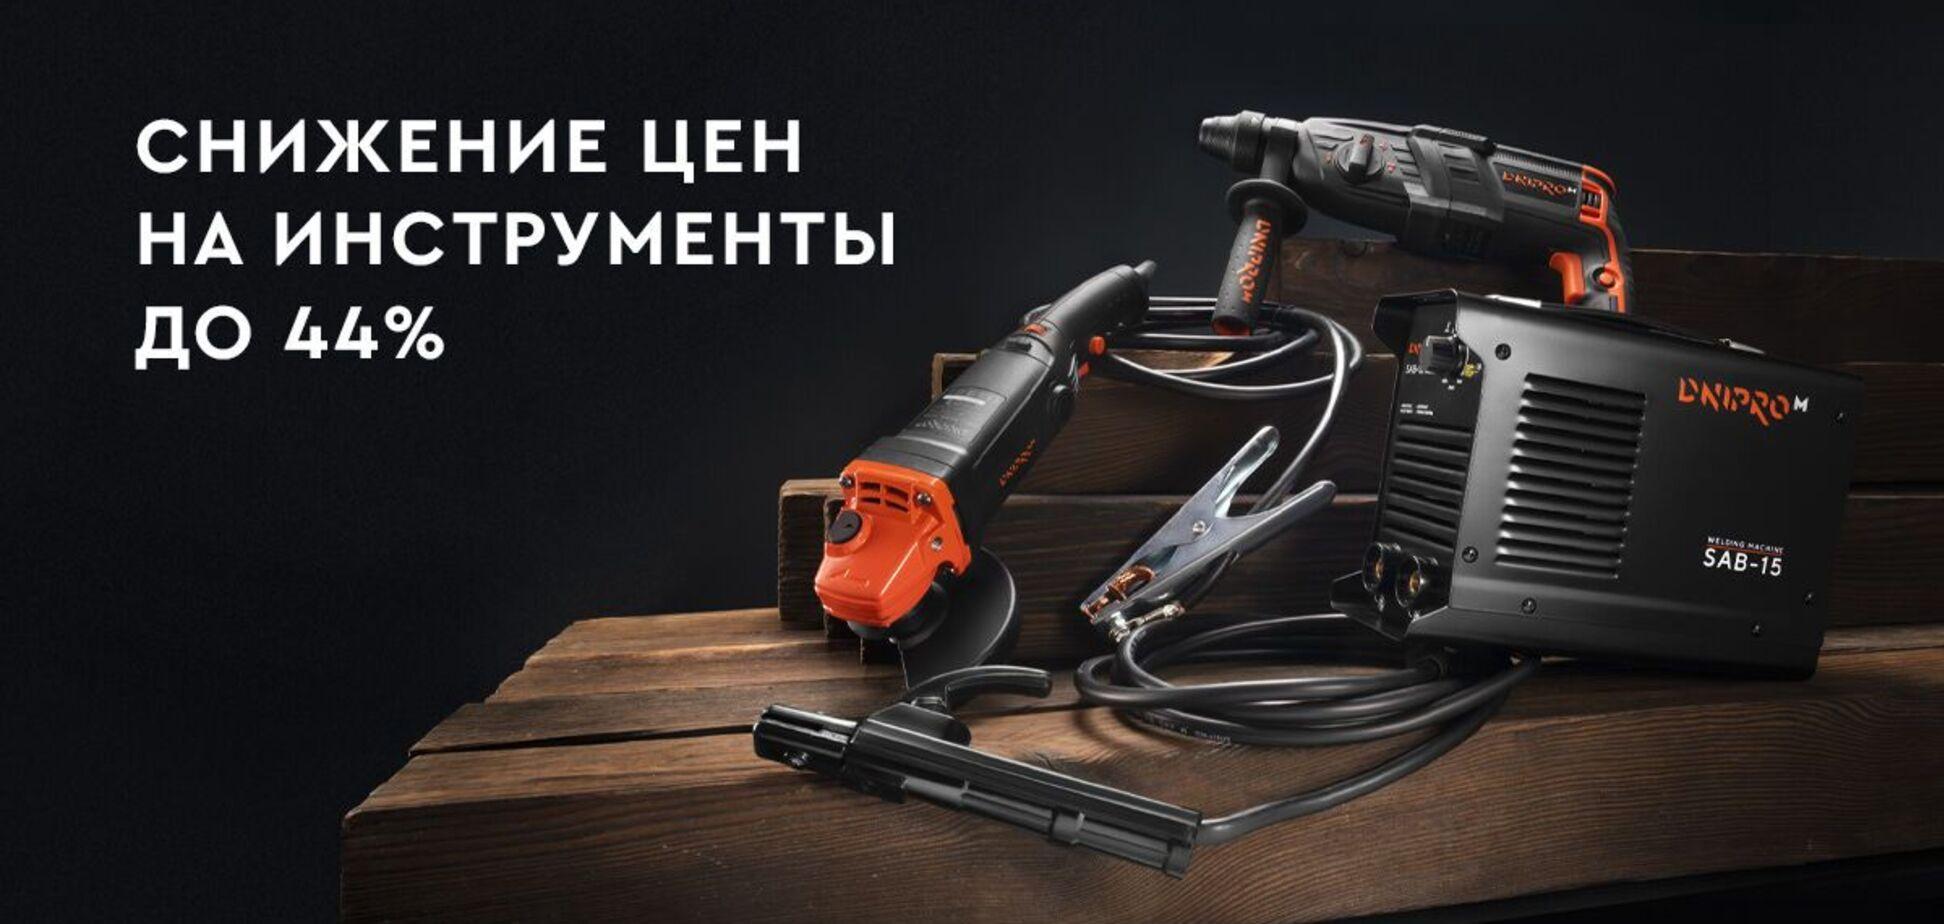 Dnipro-M знизив ціну на електроінструмент, обладнання та садову техніку